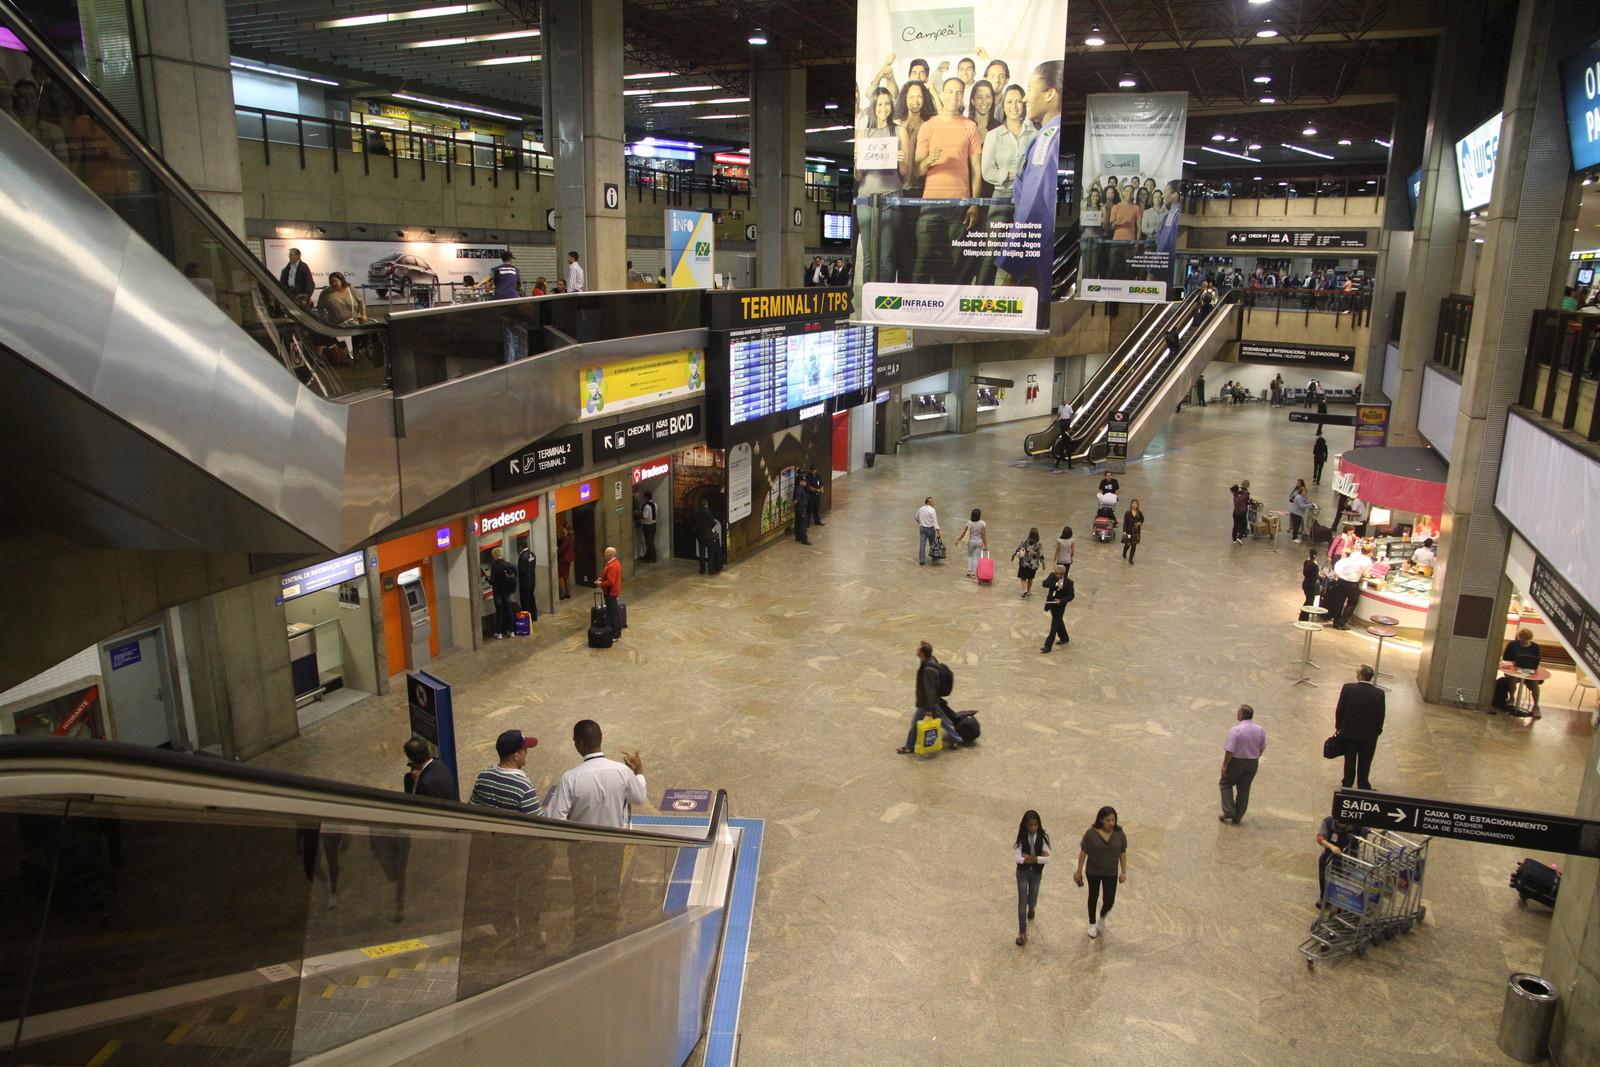 Aeroporto Sp : Promores a vagas aeroporto de guarulhos sp